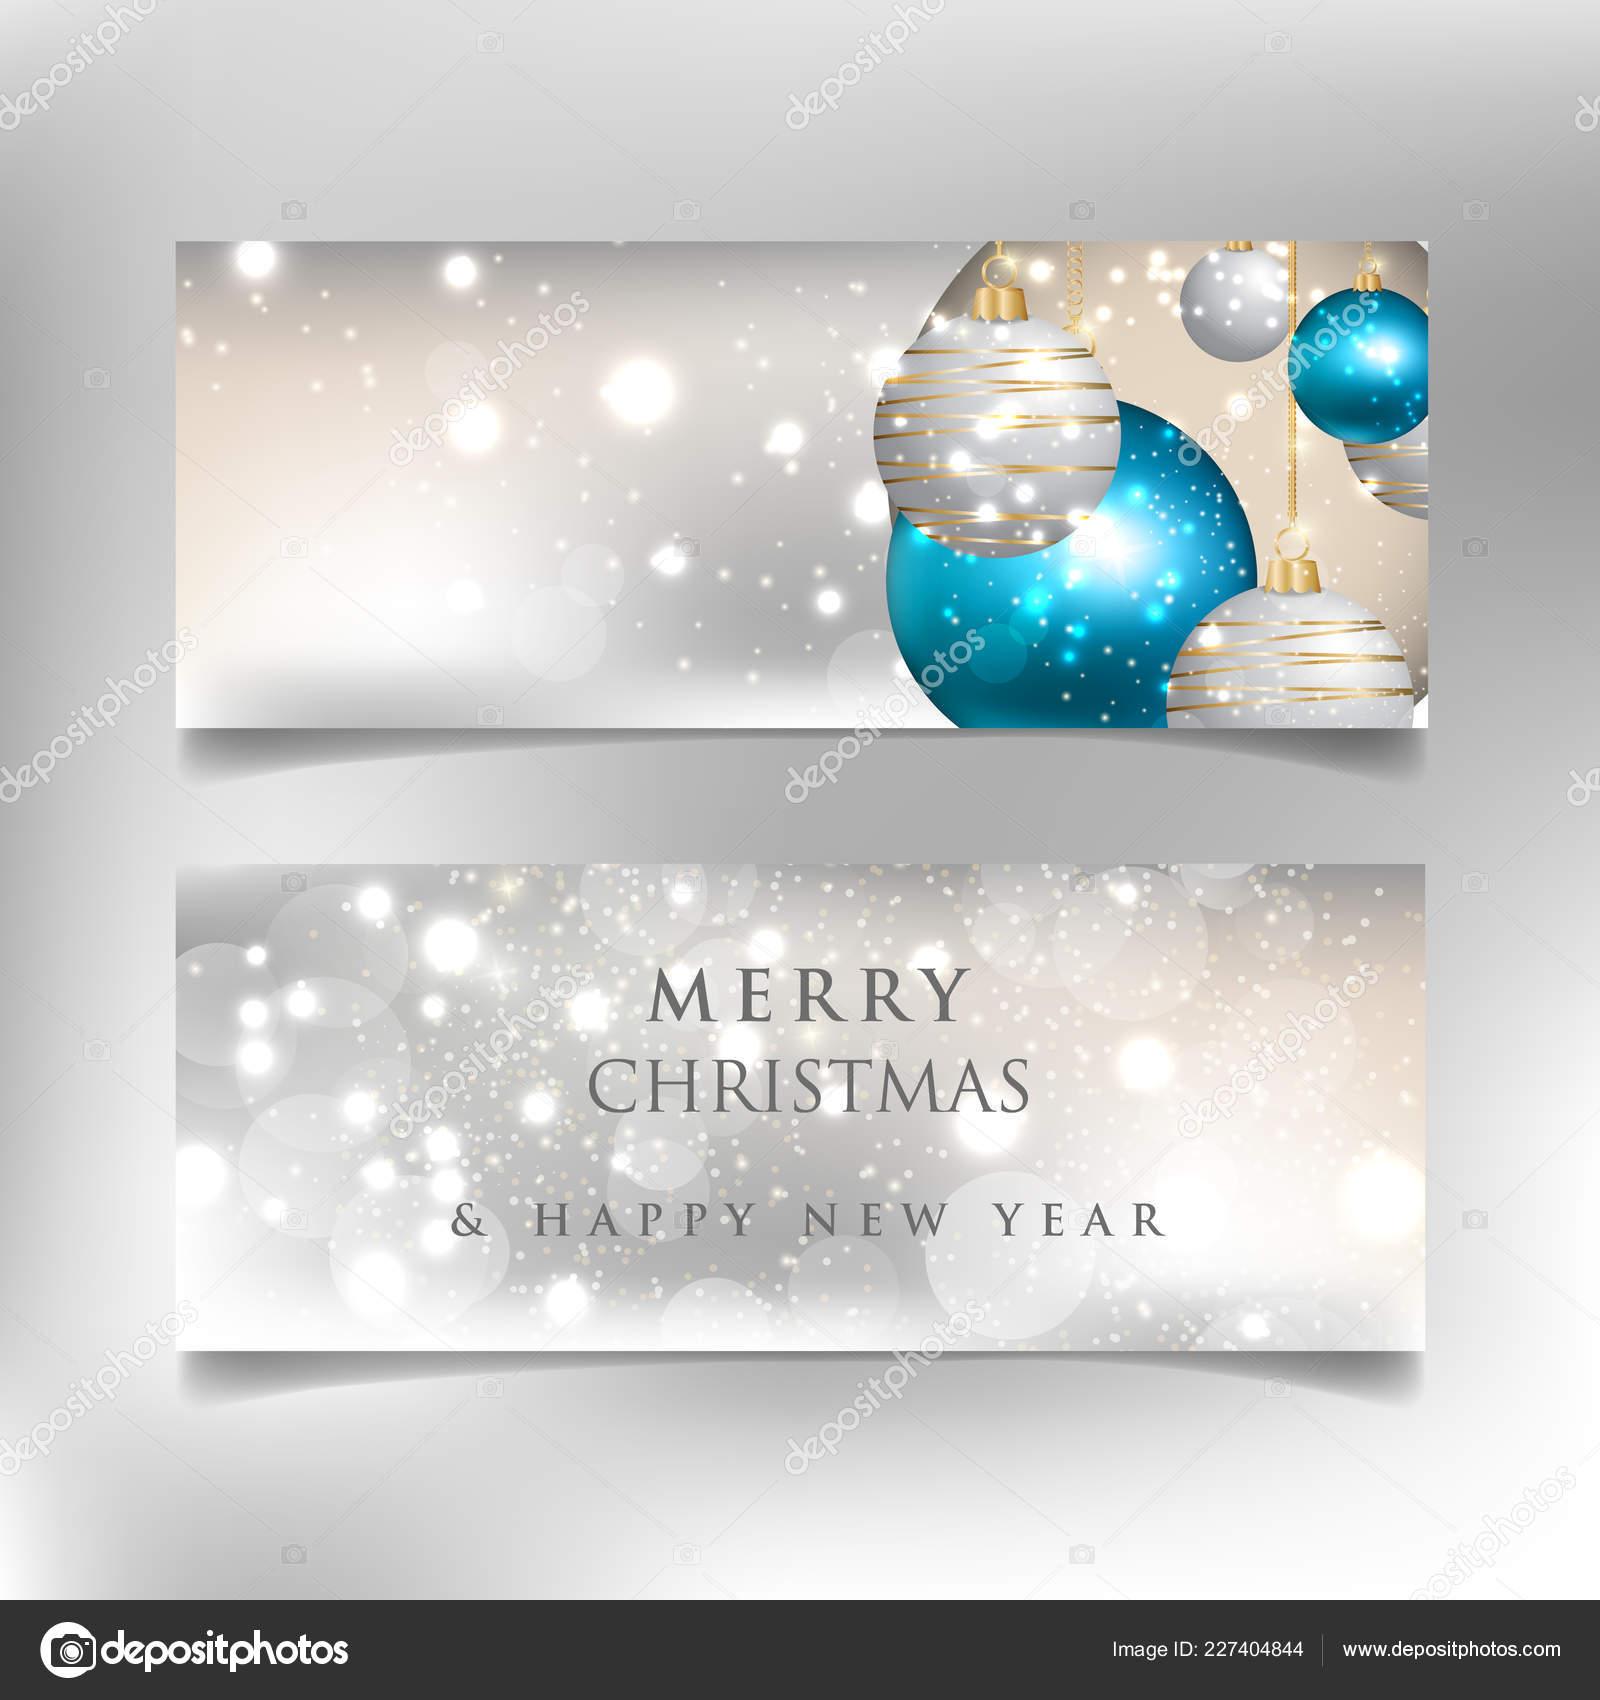 Frohe Weihnachten Hawaii.Frohe Weihnachten Und Glückliches Neues Jahr 2019 Urlaub Und Feier